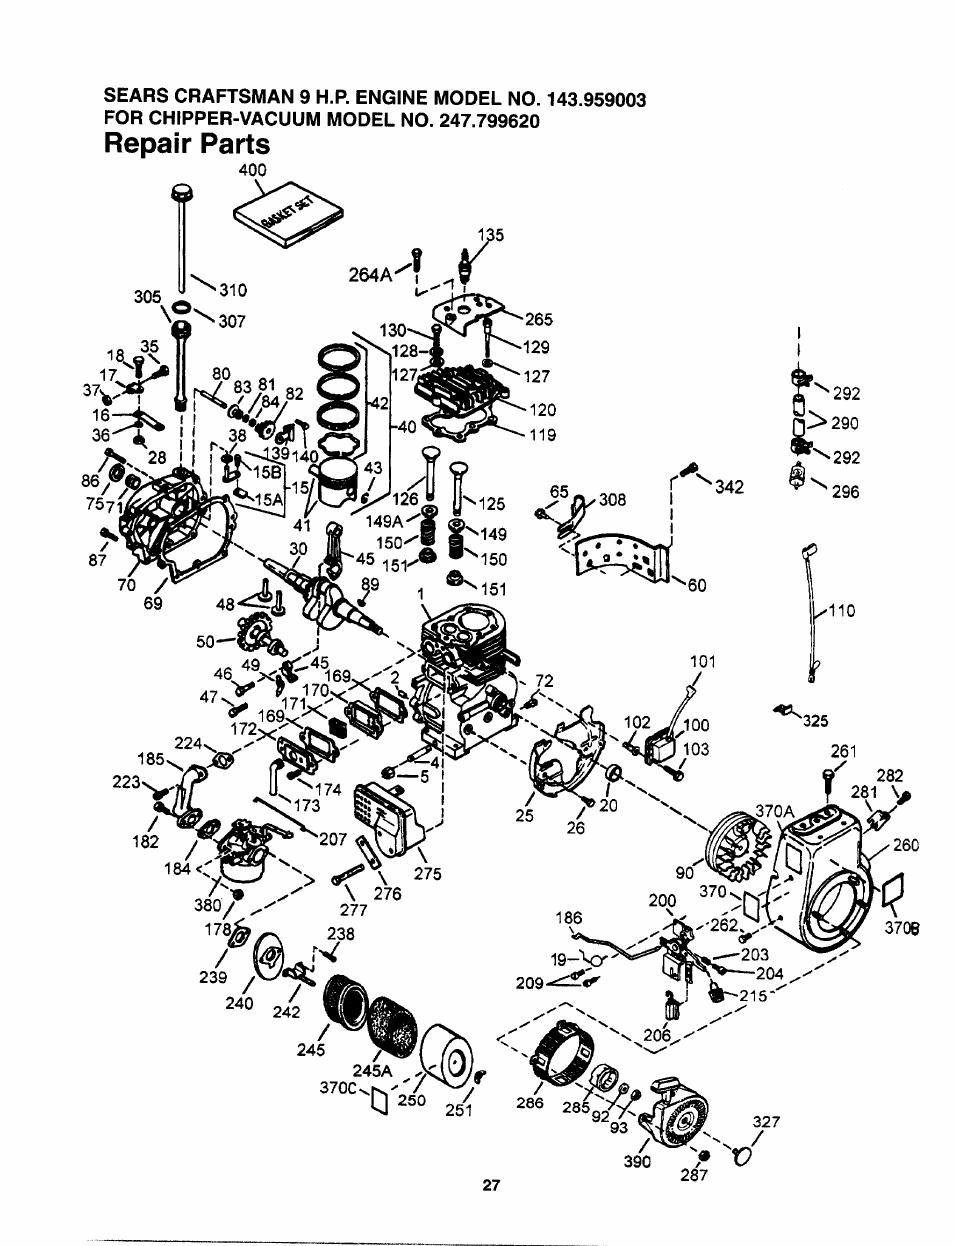 [DIAGRAM] Nikon D40 User And Repair Manuals 2199 In pdf